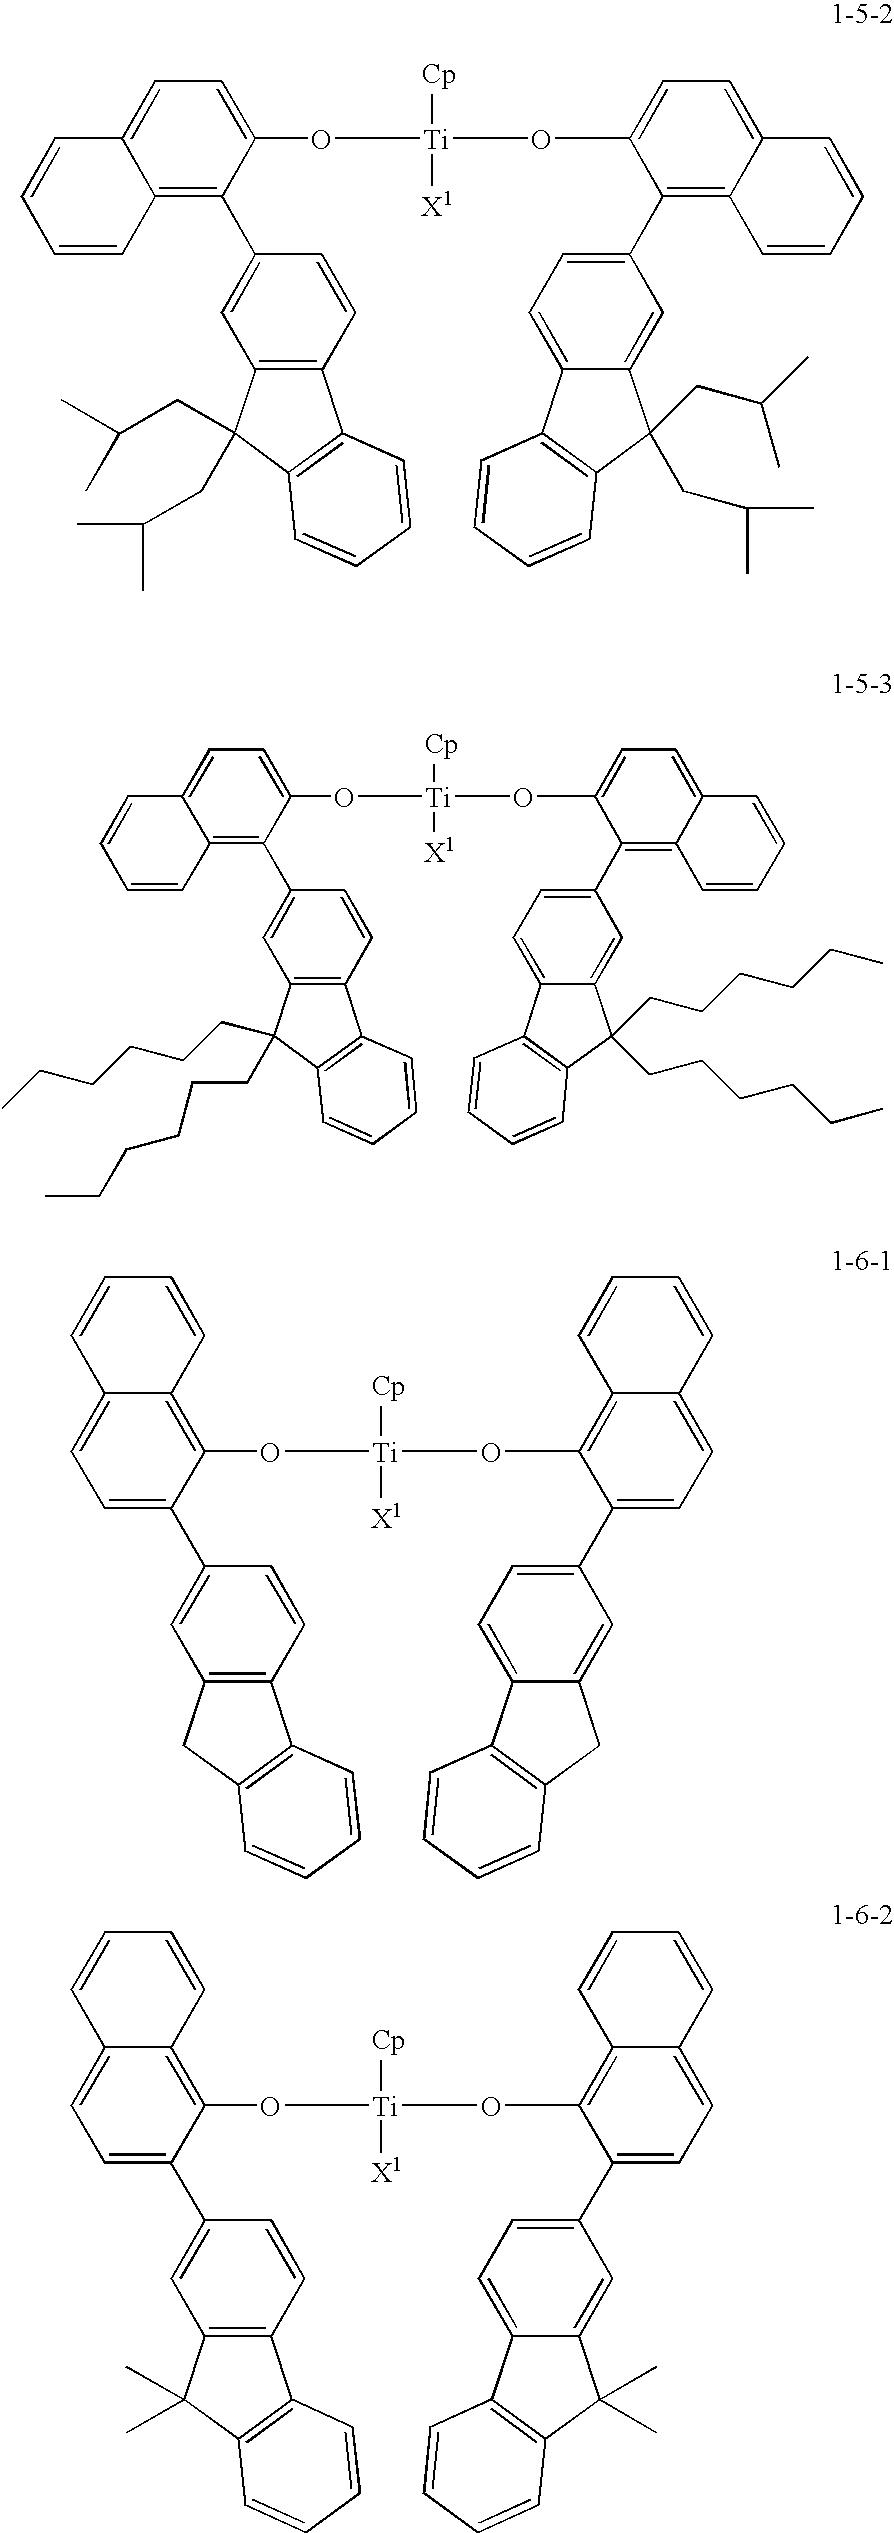 Figure US20100081776A1-20100401-C00087